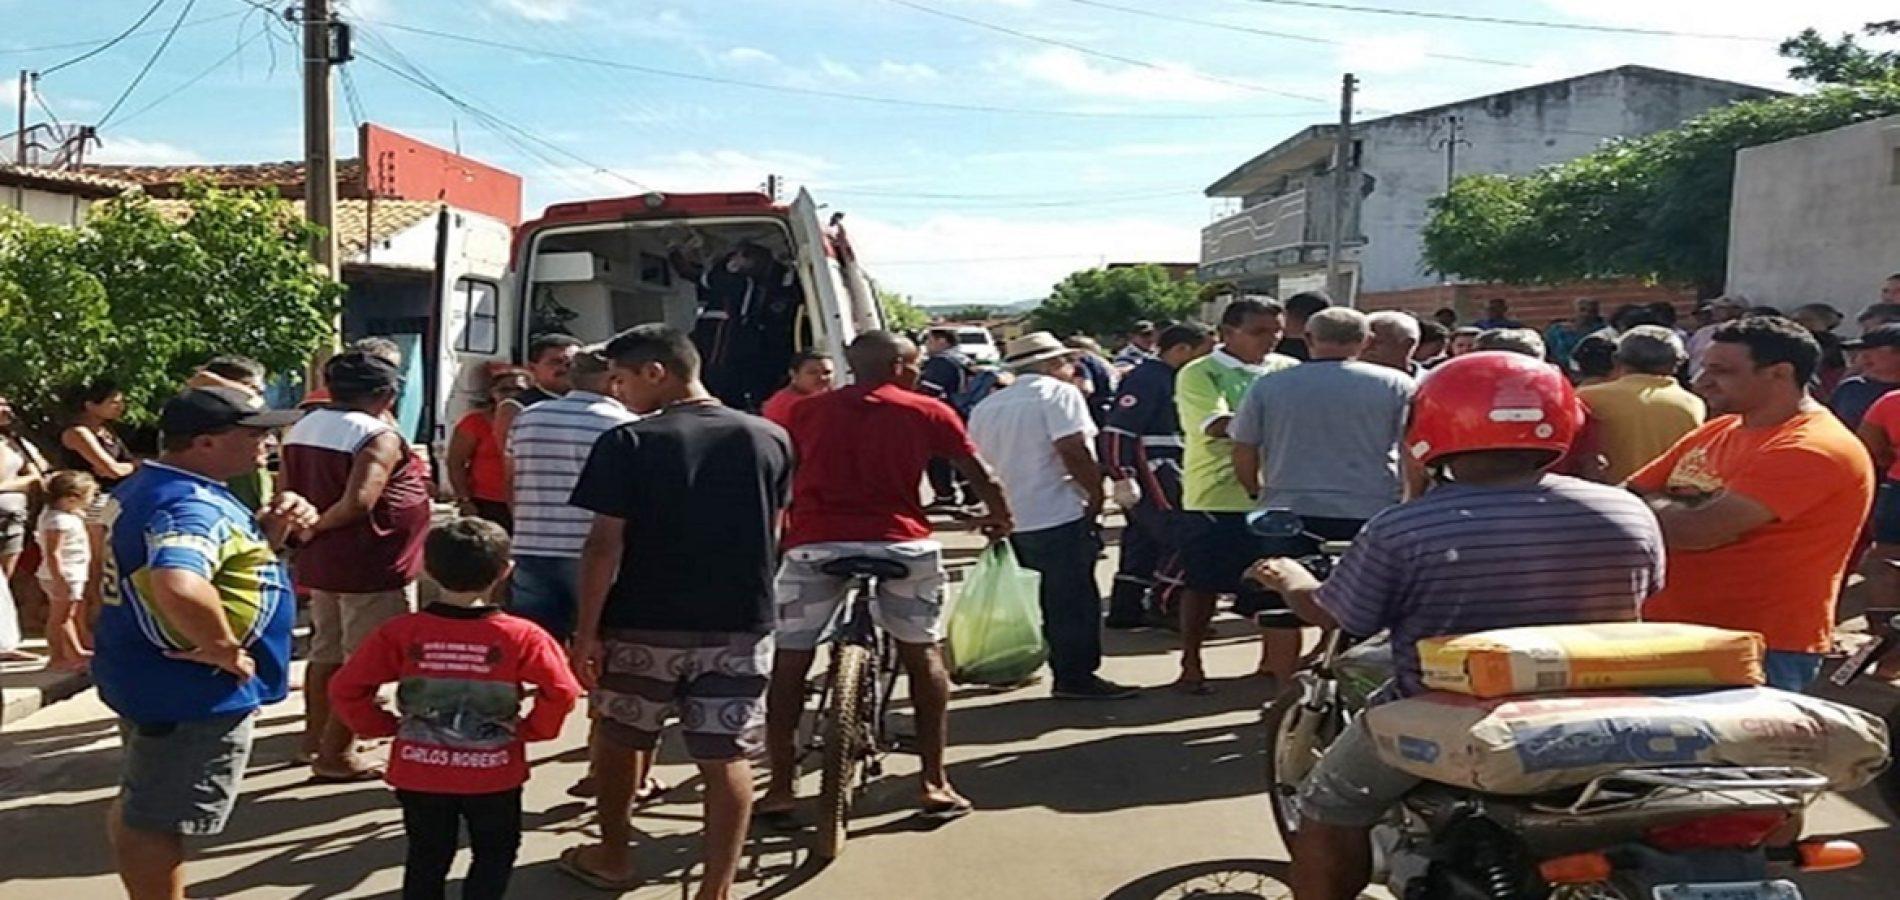 Homem morto no bairro Pedrinhas comandava quadrilha criminosa em Picos, diz polícia